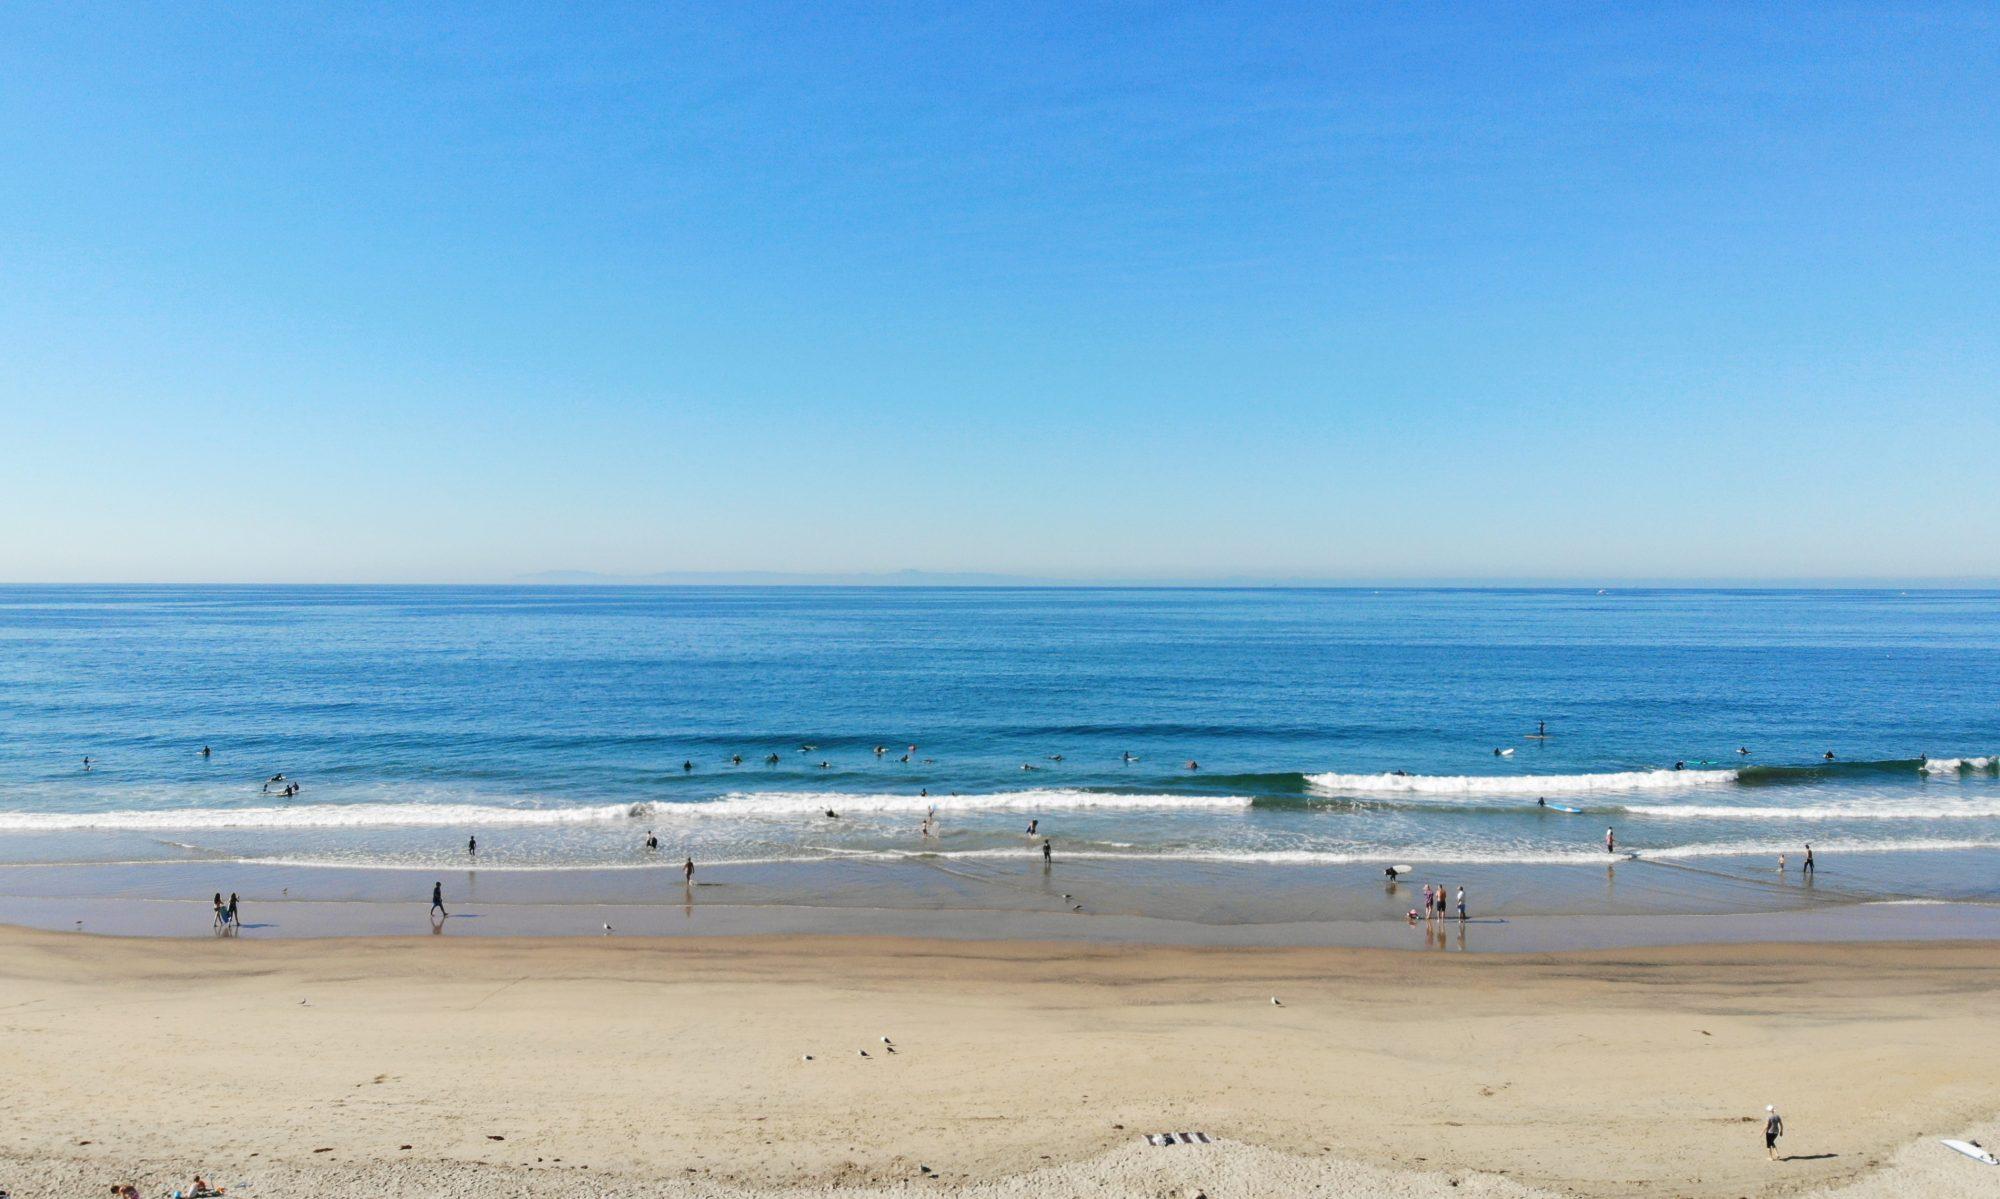 Merage Beach & Surf Association